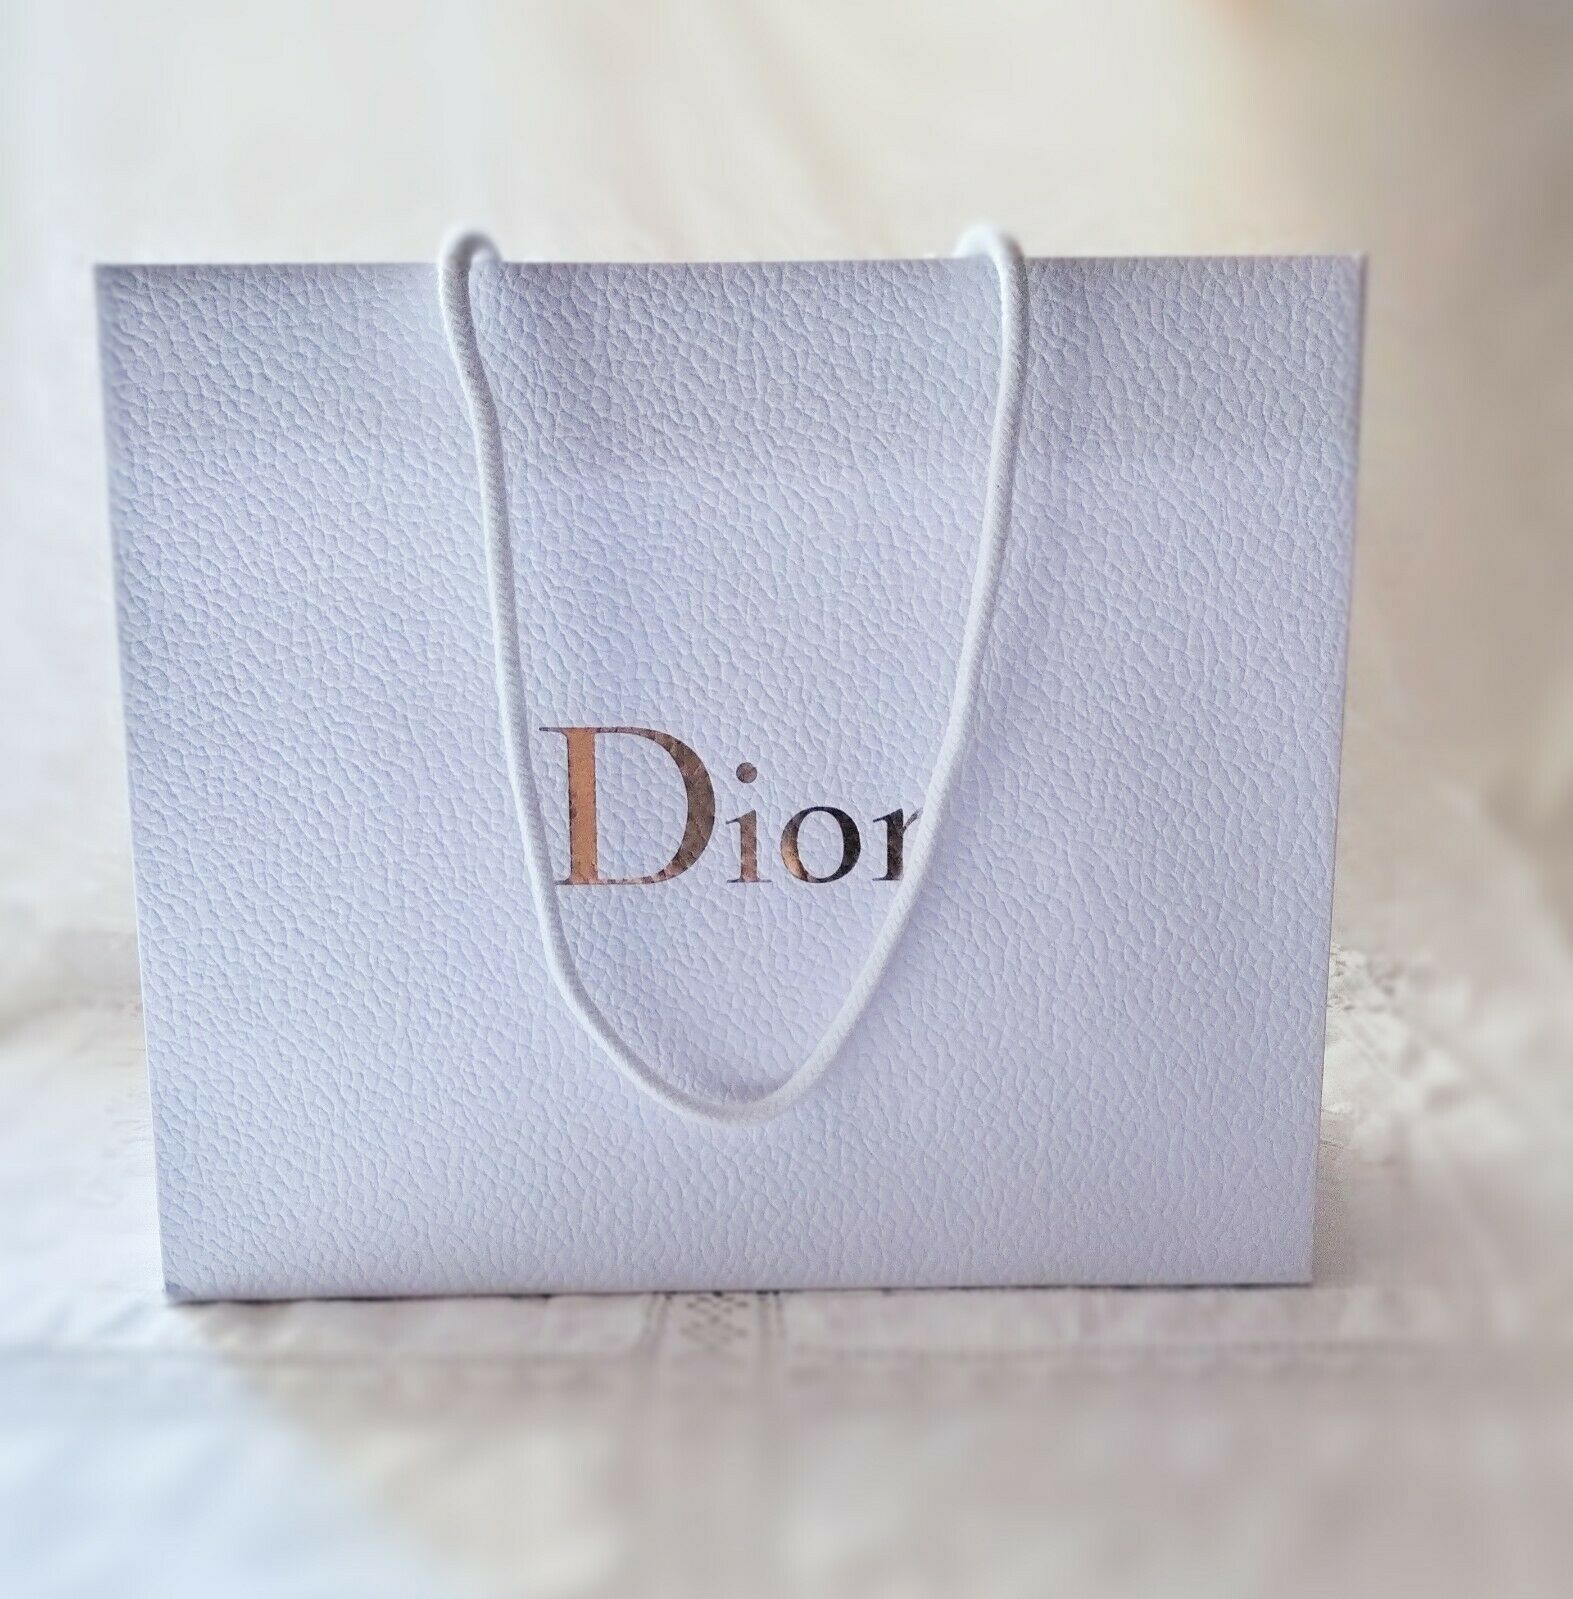 1 X Bolsa De Regalo Nuevo De Christian Dior Blanco y Dorado 27cm X 23cm